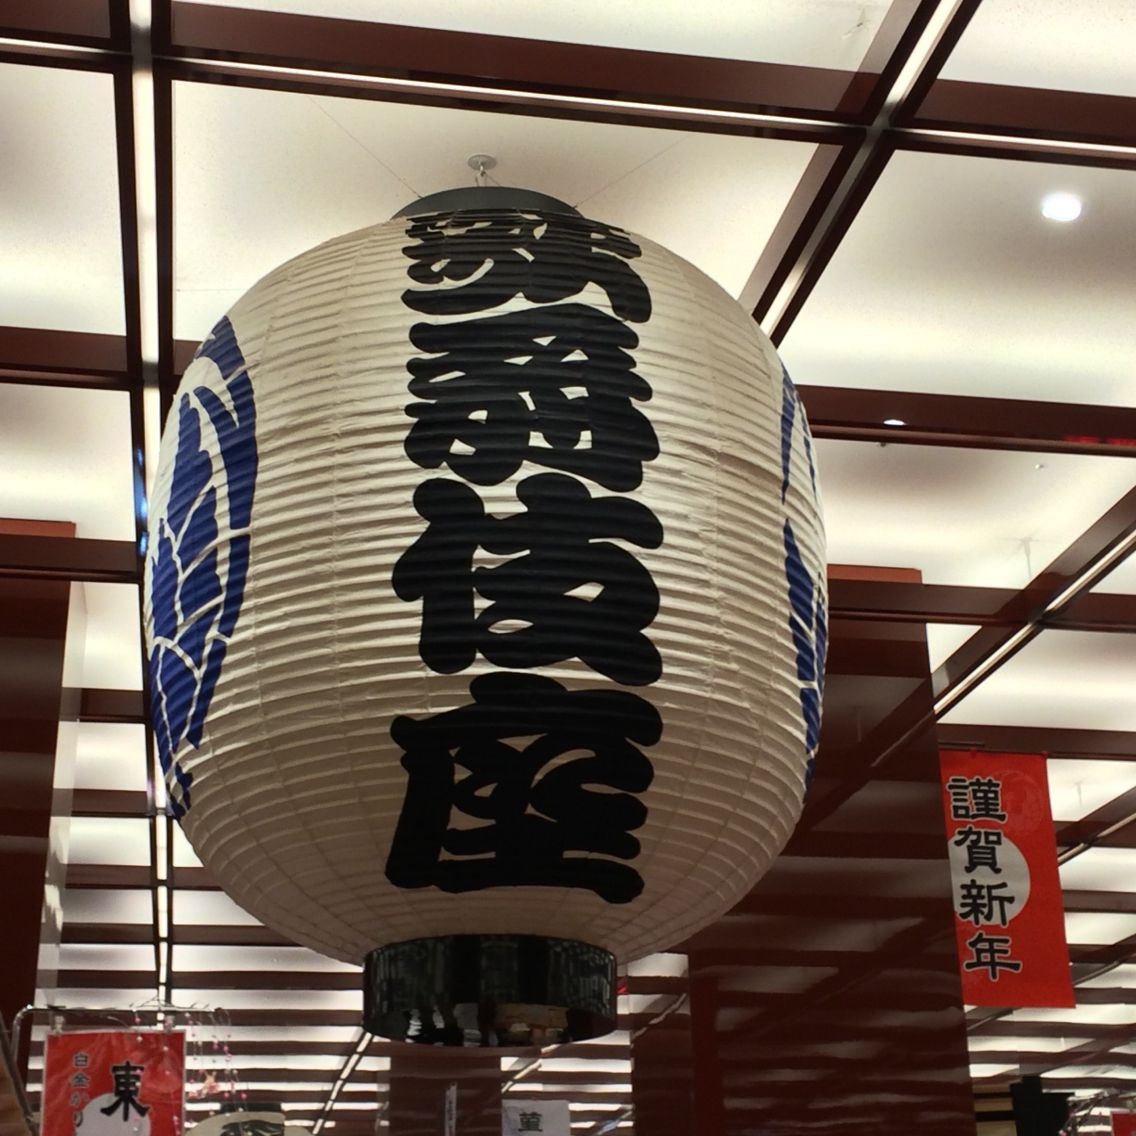 歌舞伎座地下の売店にて